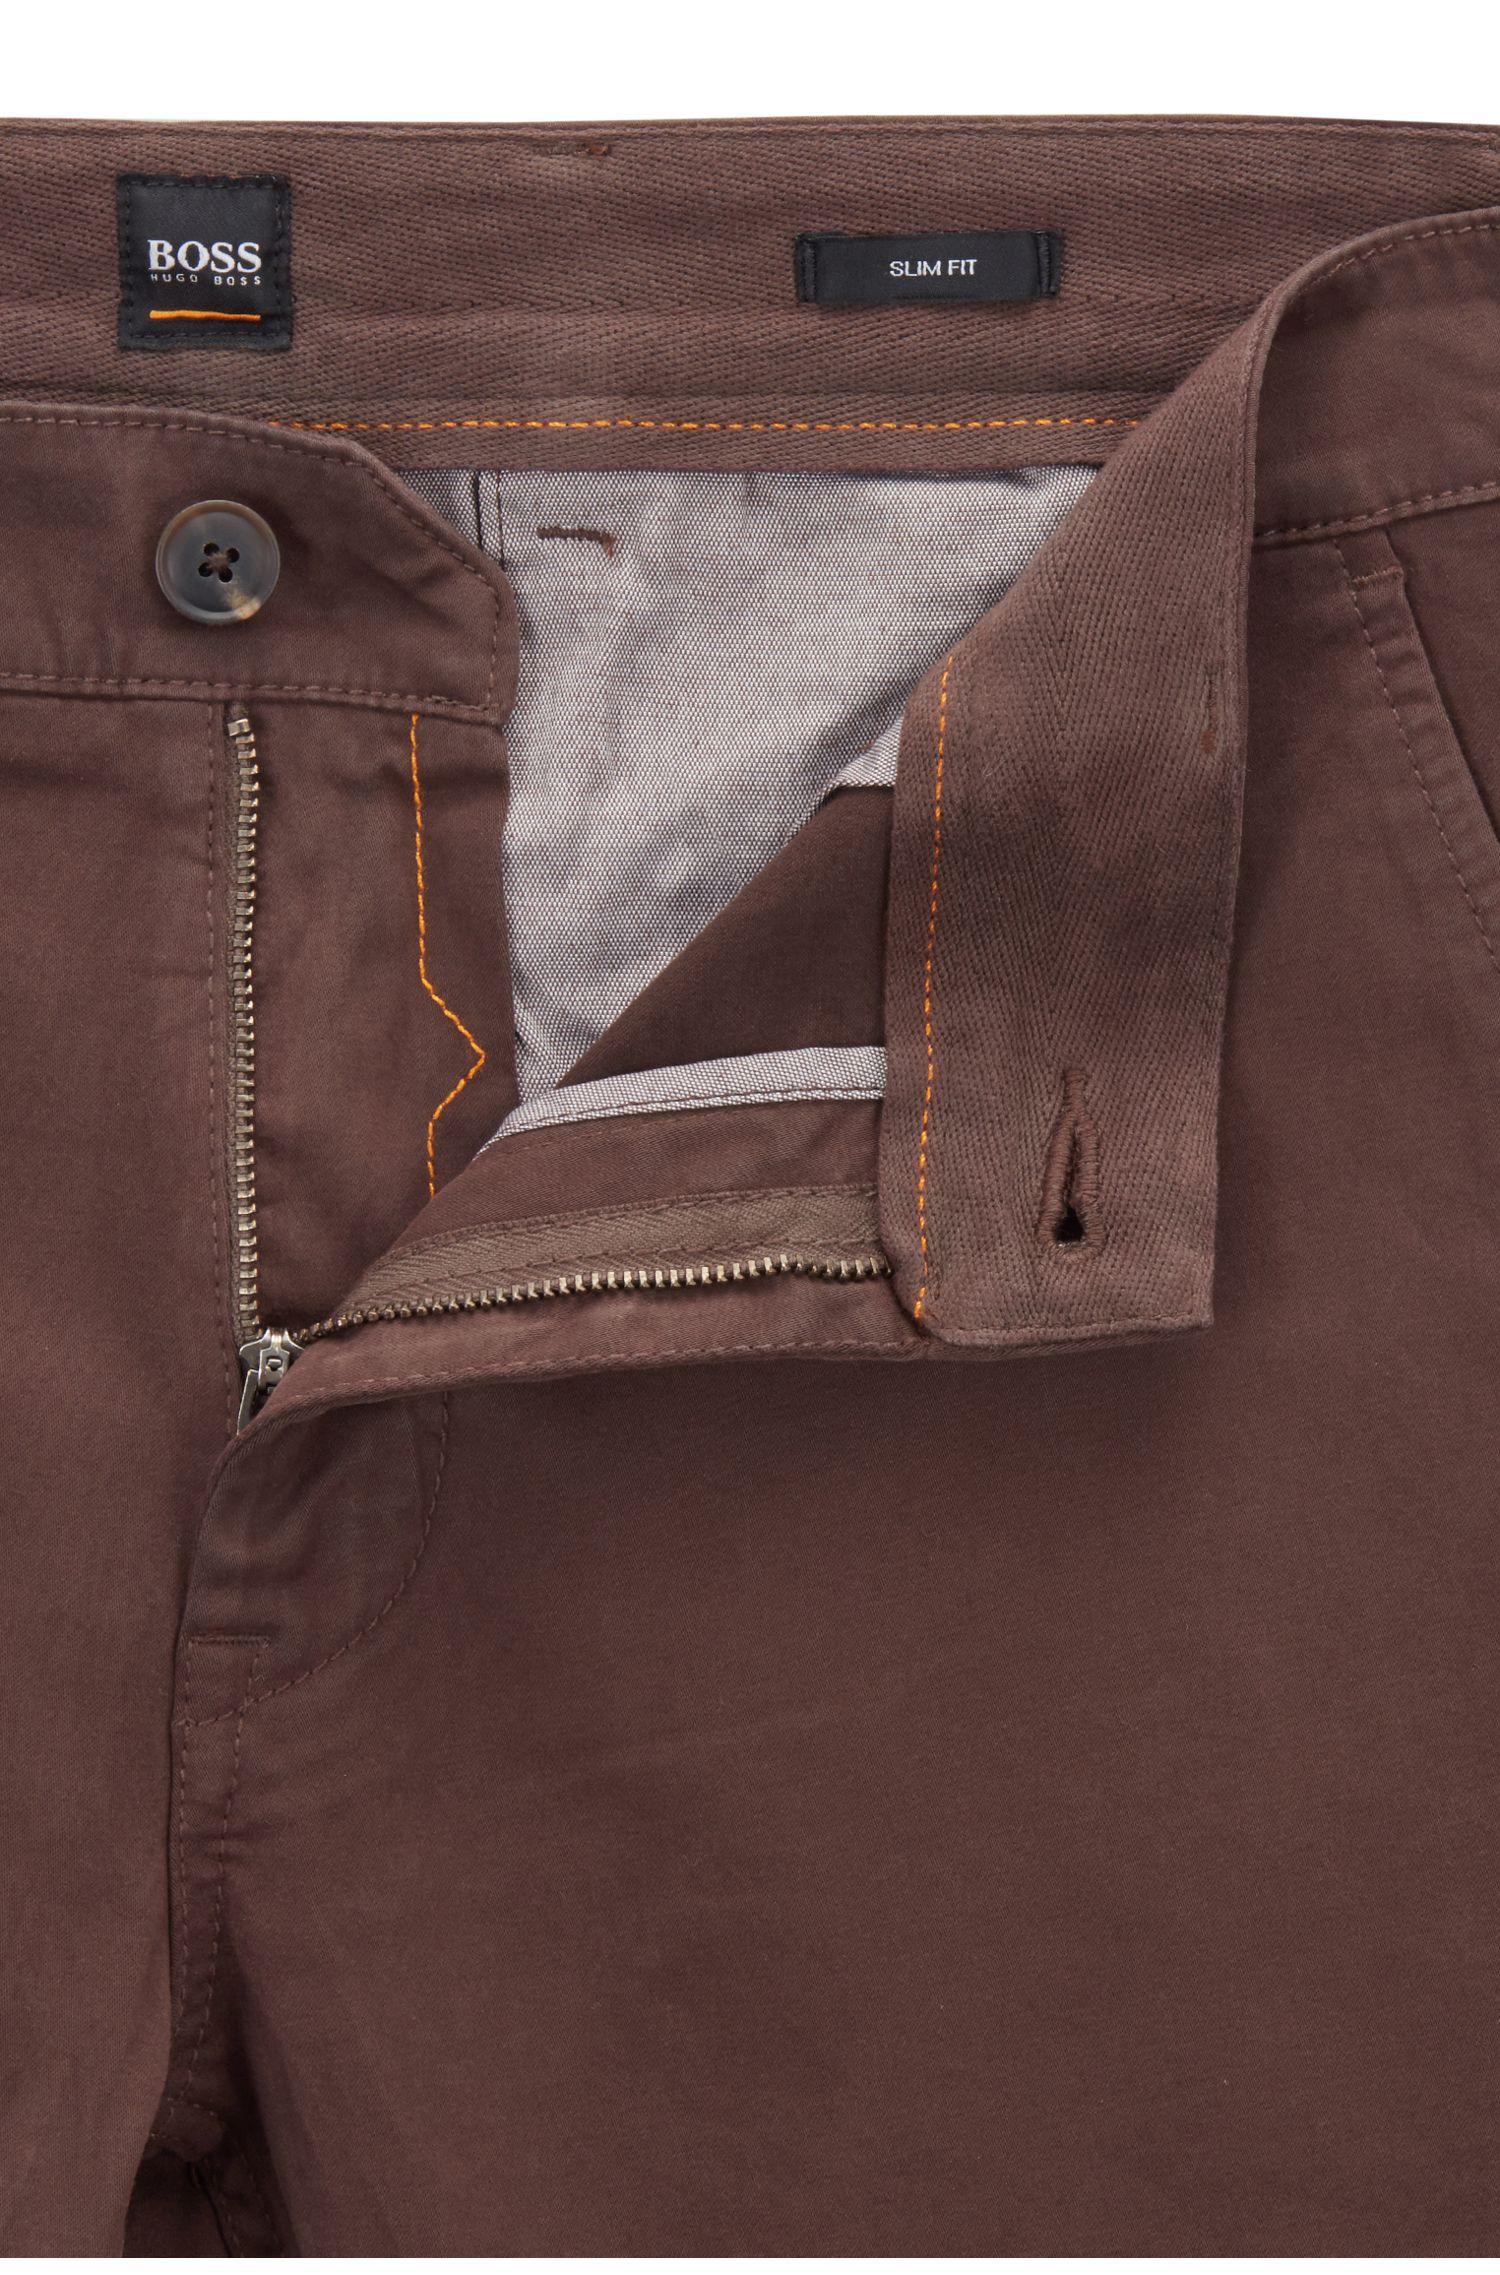 Chino casual Slim Fit en coton stretch brossé, Marron foncé